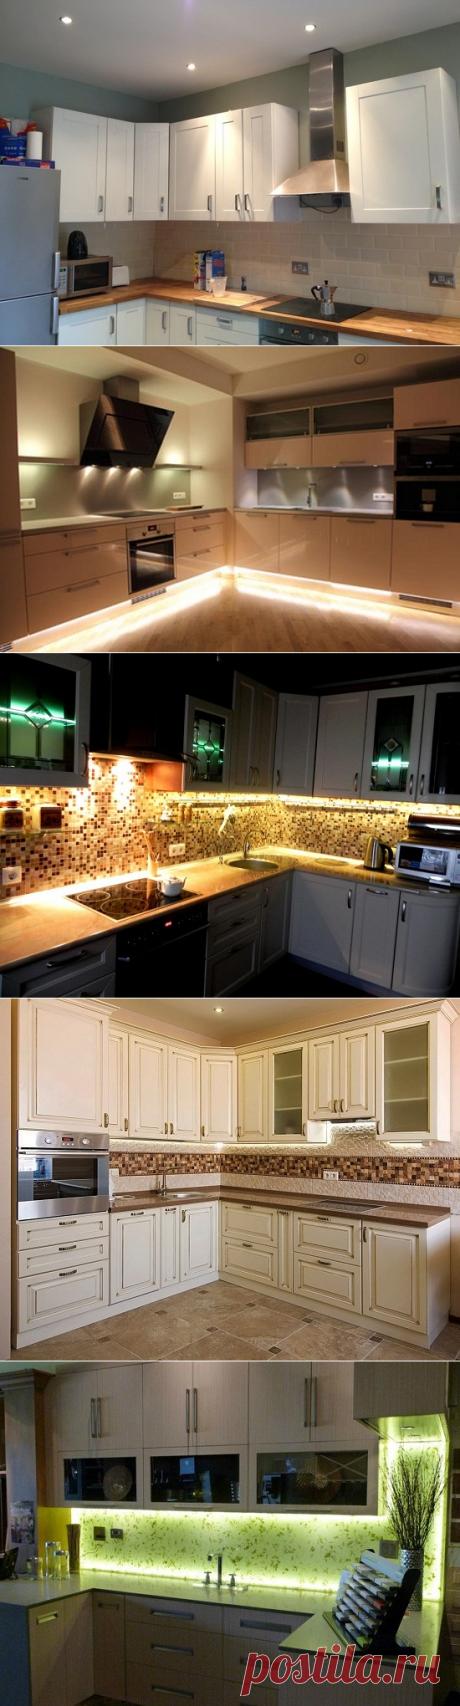 Подсветка кухонного гарнитура | Роскошь и уют